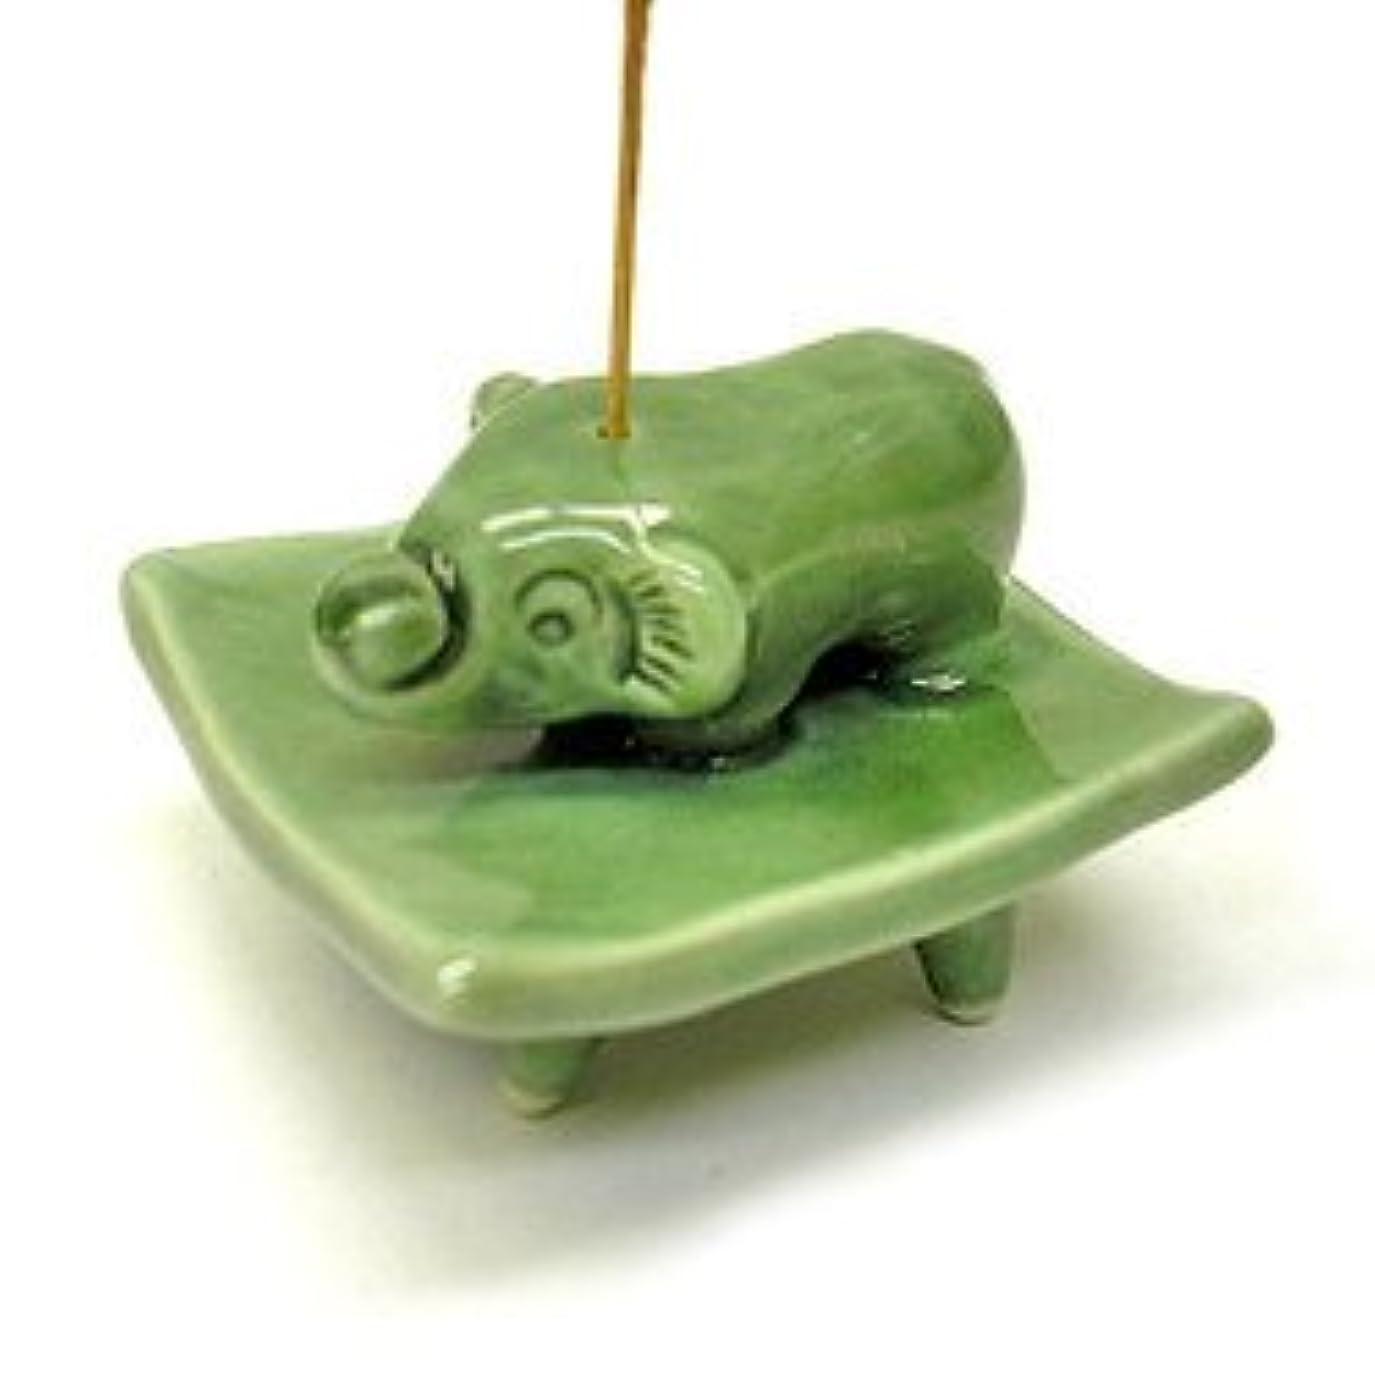 間隔ひばりラベルお皿に乗った象さん お香立て<緑> インセンスホルダー/スティックタイプ用お香立て?お香たて アジアン雑貨